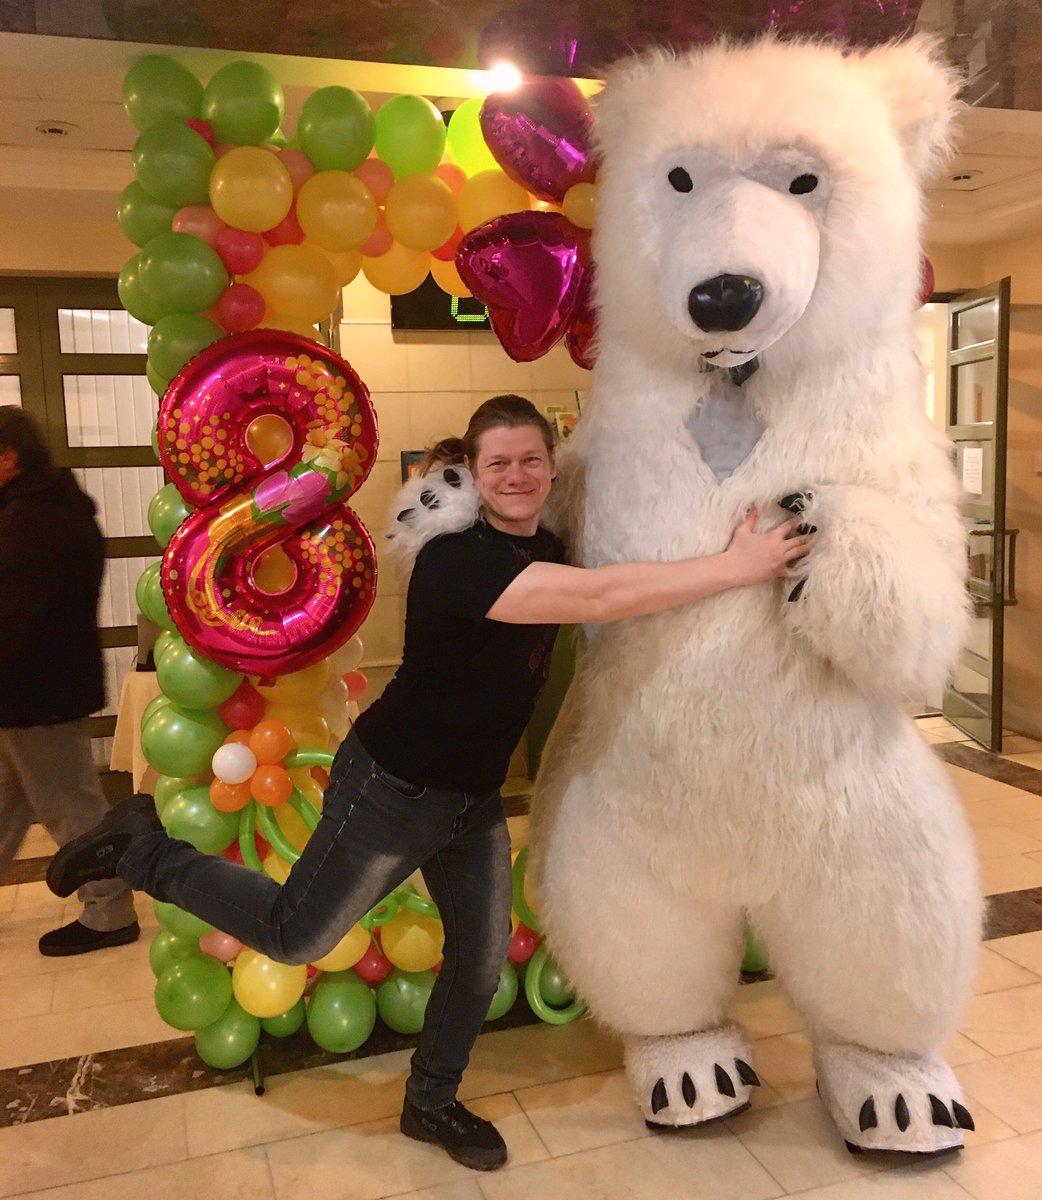 Выживший (часть 2): рабочий день закончен, дамы поздравлены, медведь уцелел.  #люблюсвоюработу #тплюскиров #8марта #фотозона #милота #мимимишкиpic.twitter.com/Btlly2mhJK